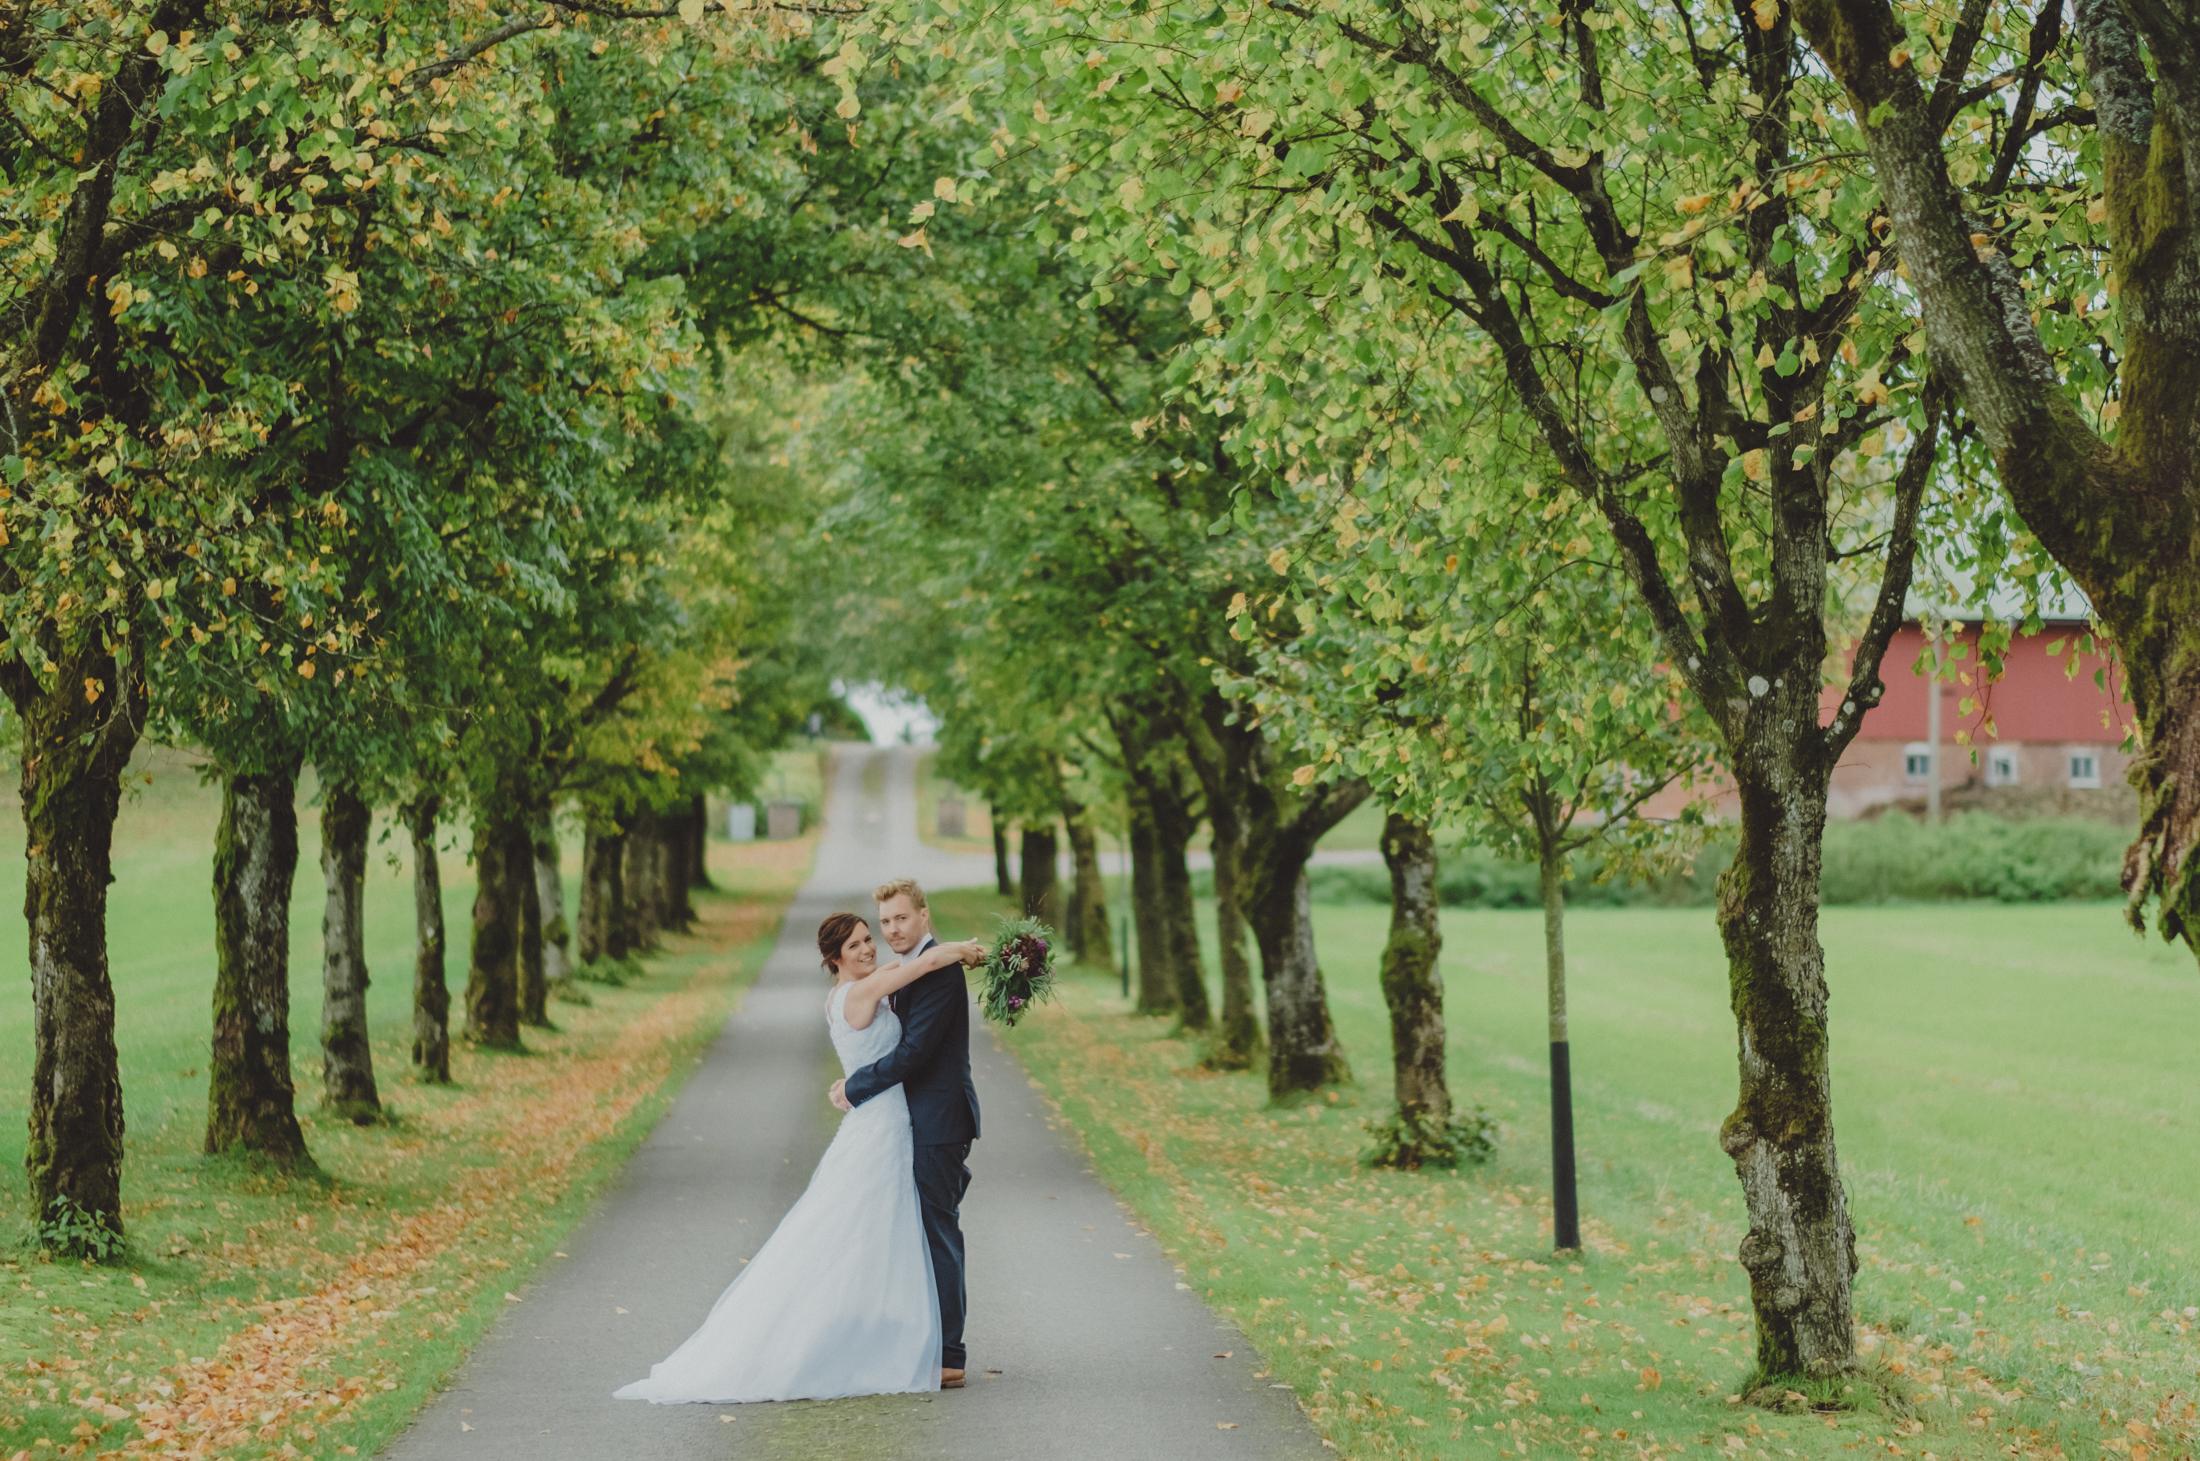 bröllopsfoto-fotograf-max-norin-73.jpg